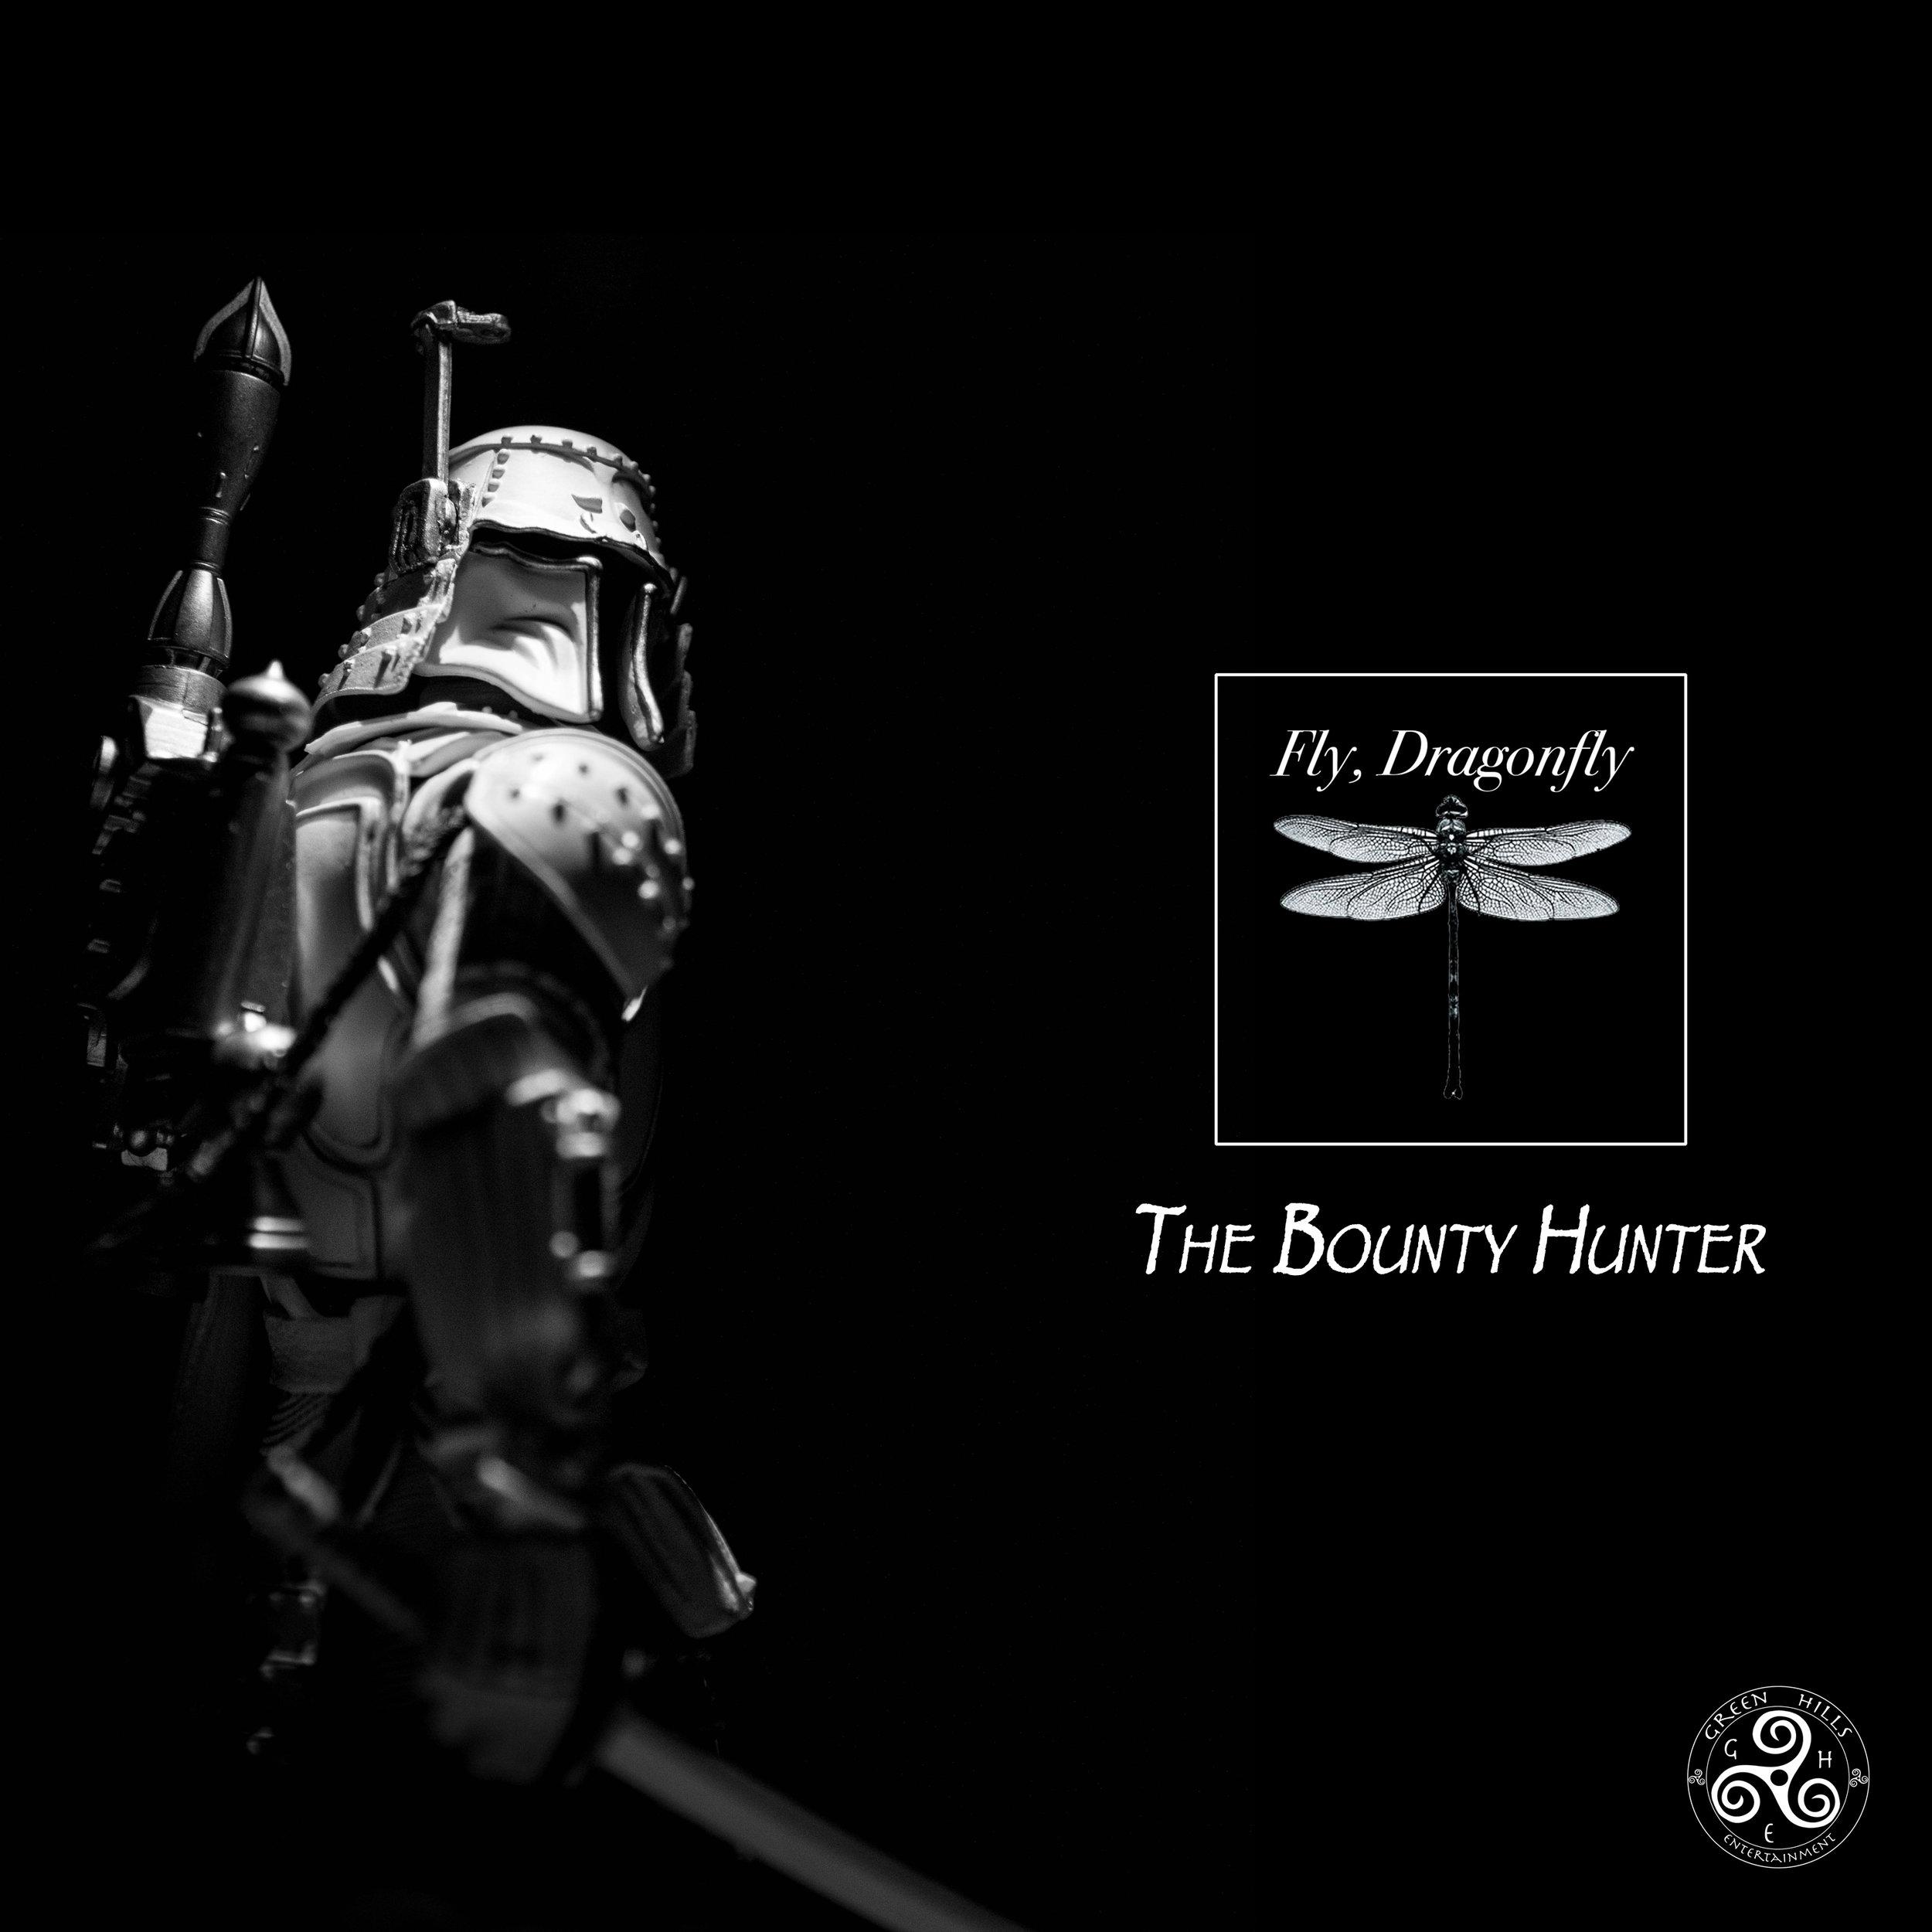 FlyDragonflyAlbums14.jpg